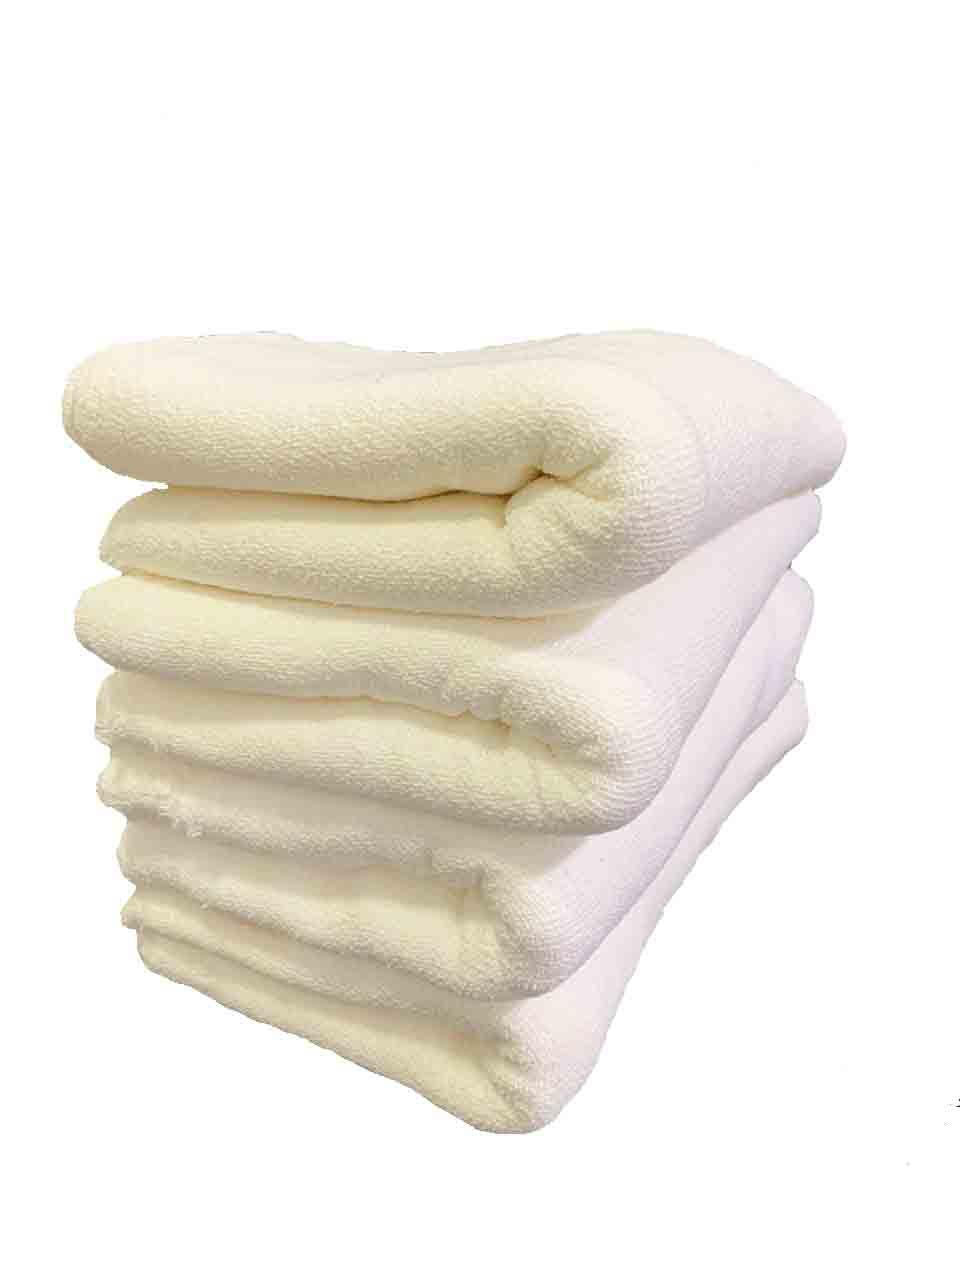 Pano de Chão Alvejado Branco Fábrica 10 - Kit com 50 Peças ESPECIAL ATACADO